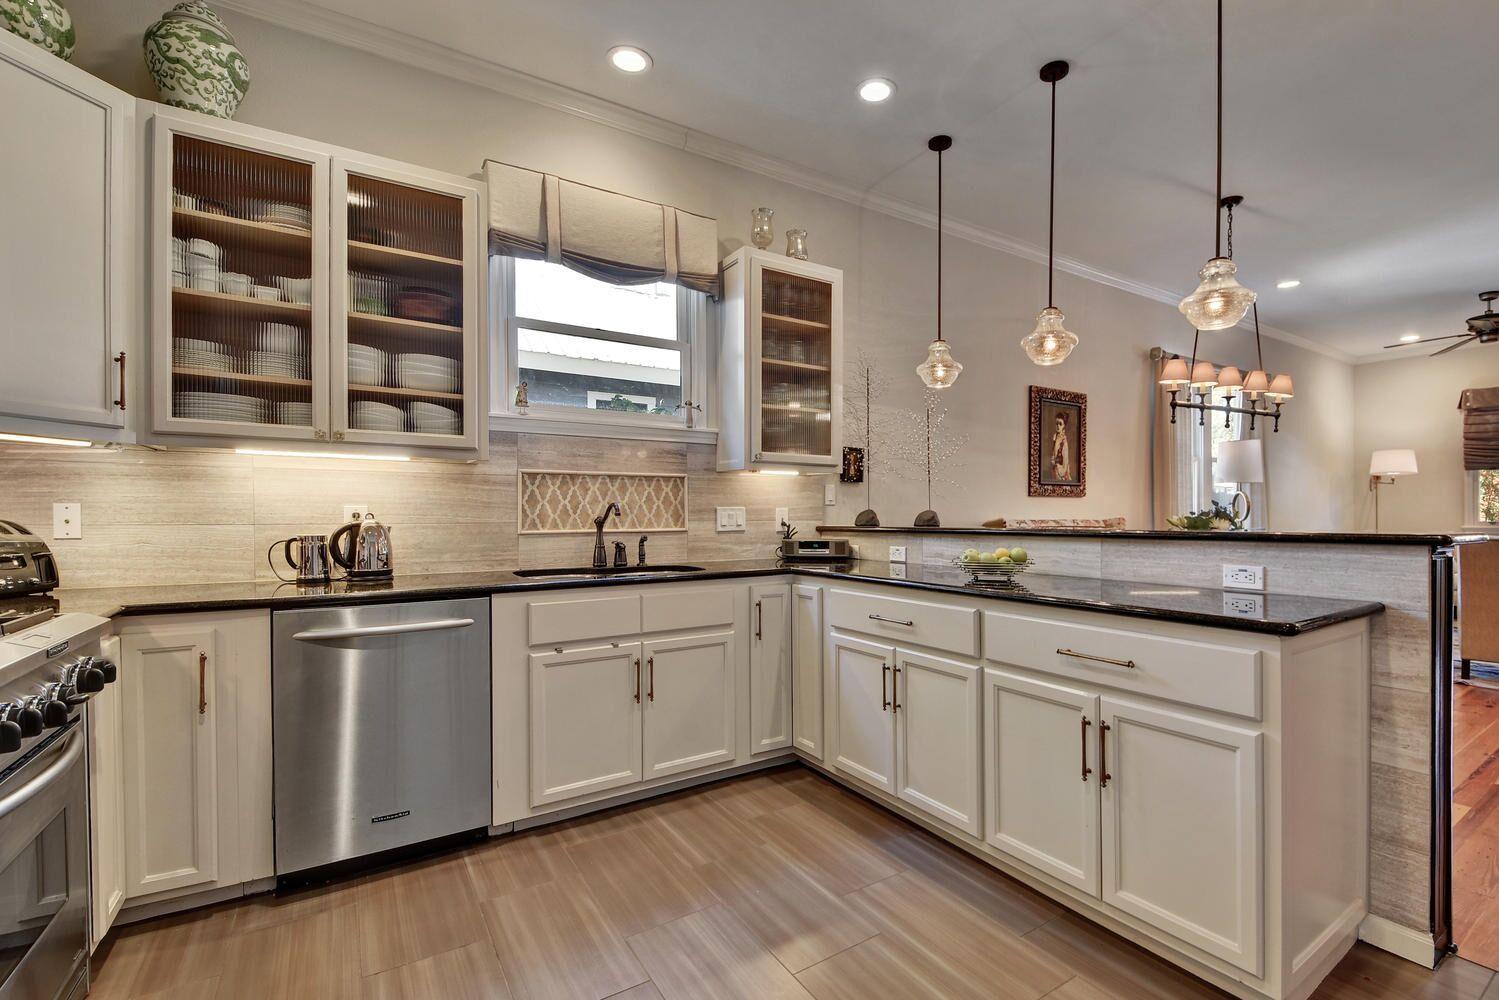 White Kitchen with White Globe Pendant Lights